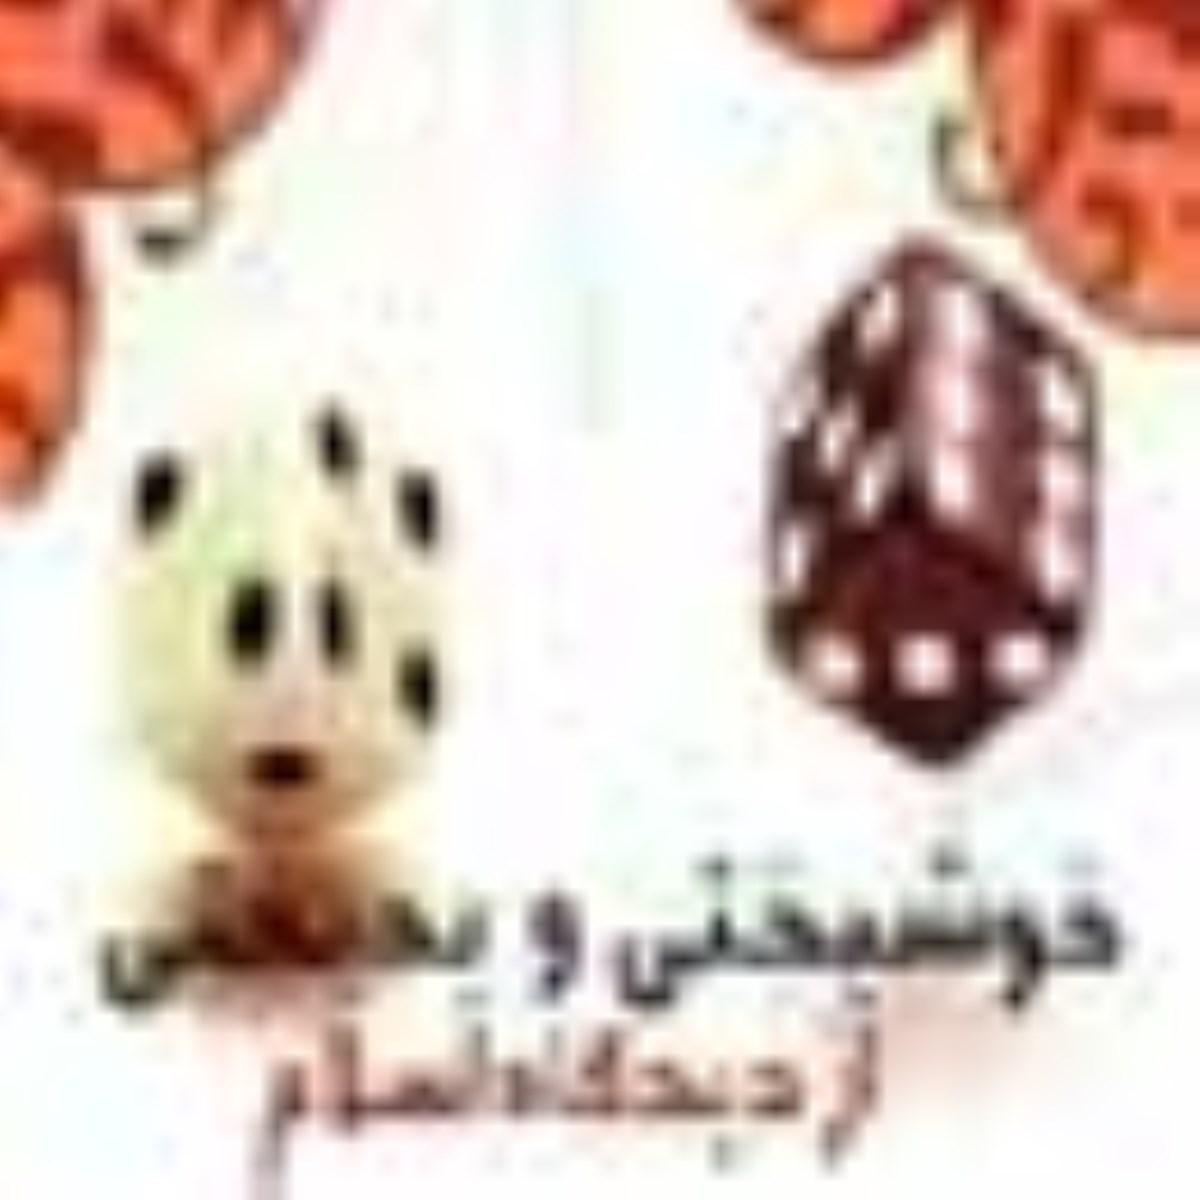 بدبختی و خوشبختی در دیدگاه اسلام (1)